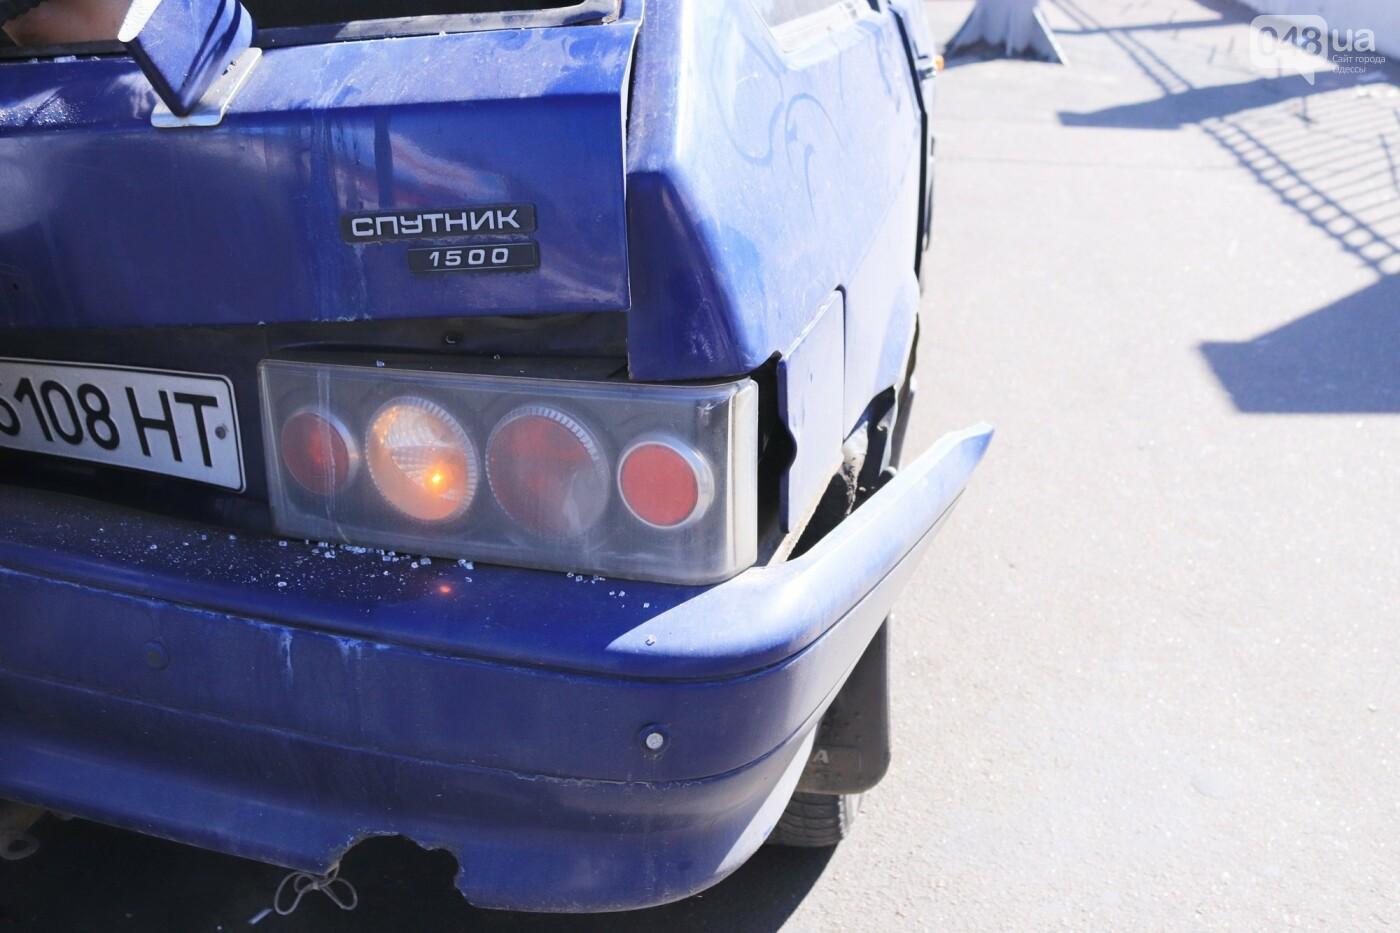 Могли взорваться: в Одессе КАМАЗ протаранил на светофоре легковушку с баллоном газа в багажнике, - ФОТО , фото-4